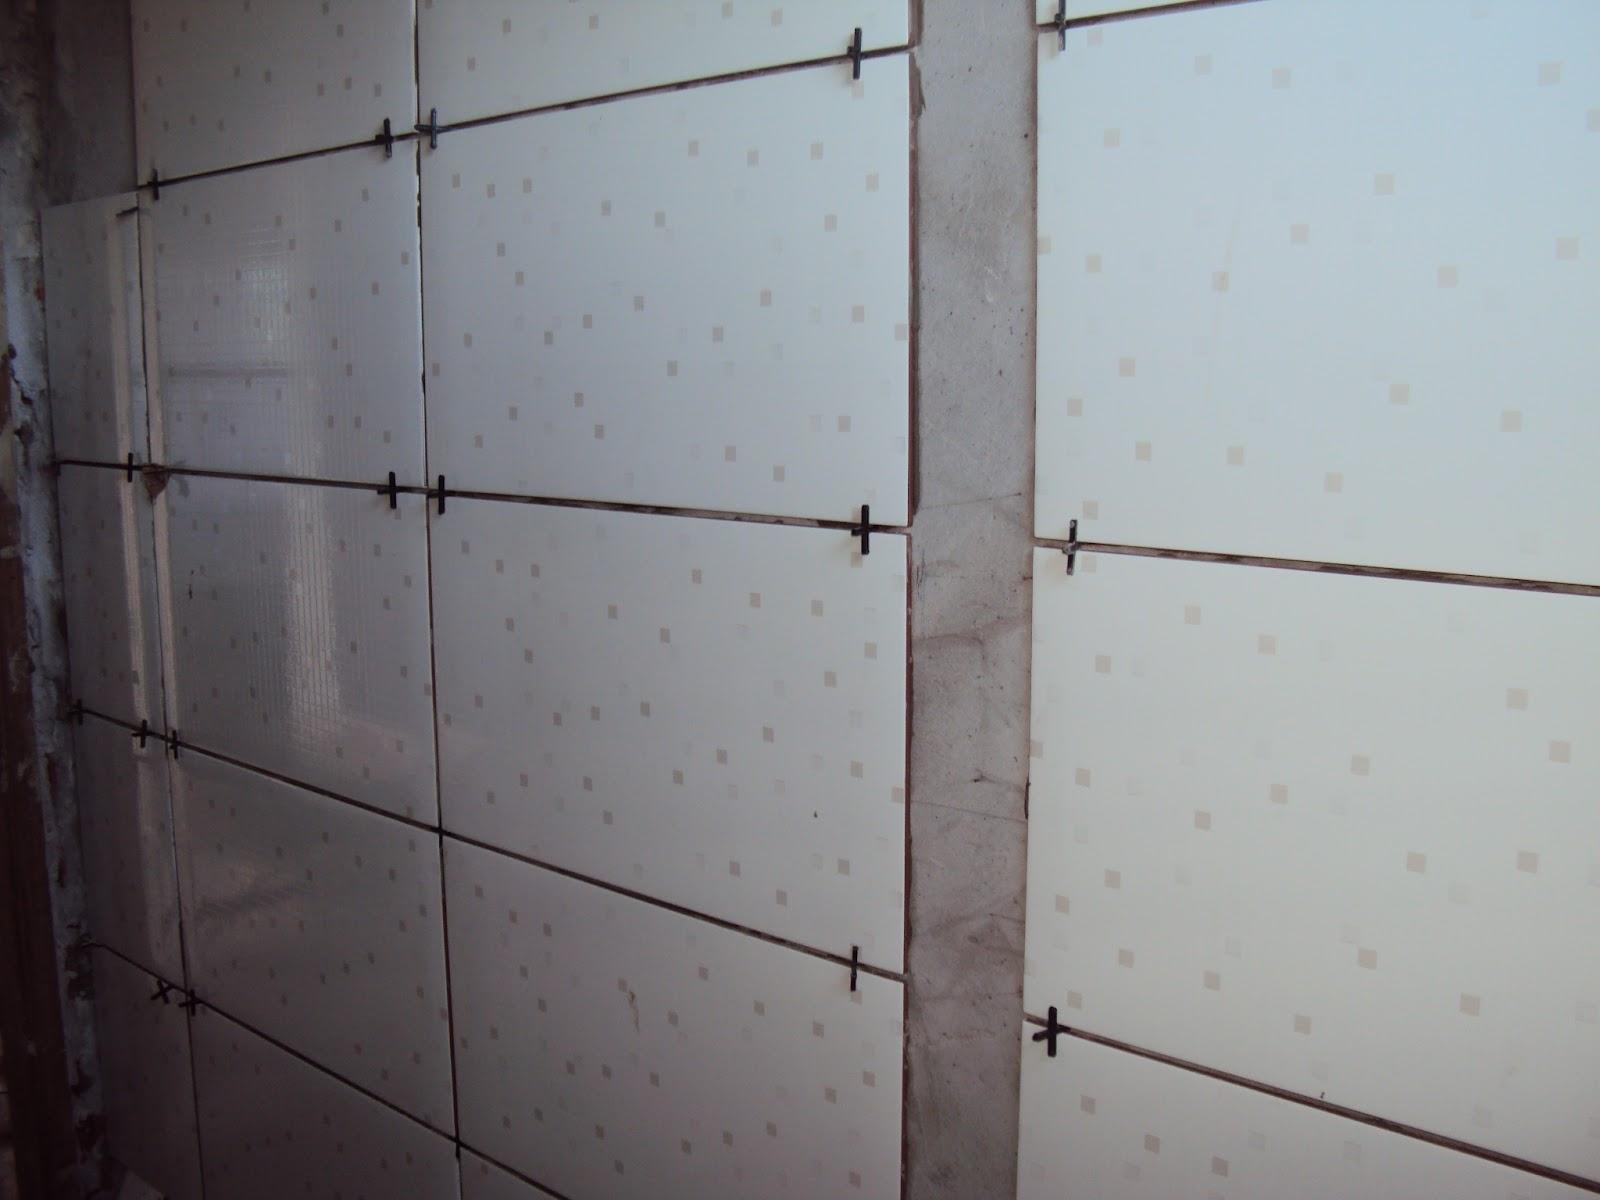 Construindo : Revestimento Banheiro e Fiação Elétrica #5B6970 1600 1200